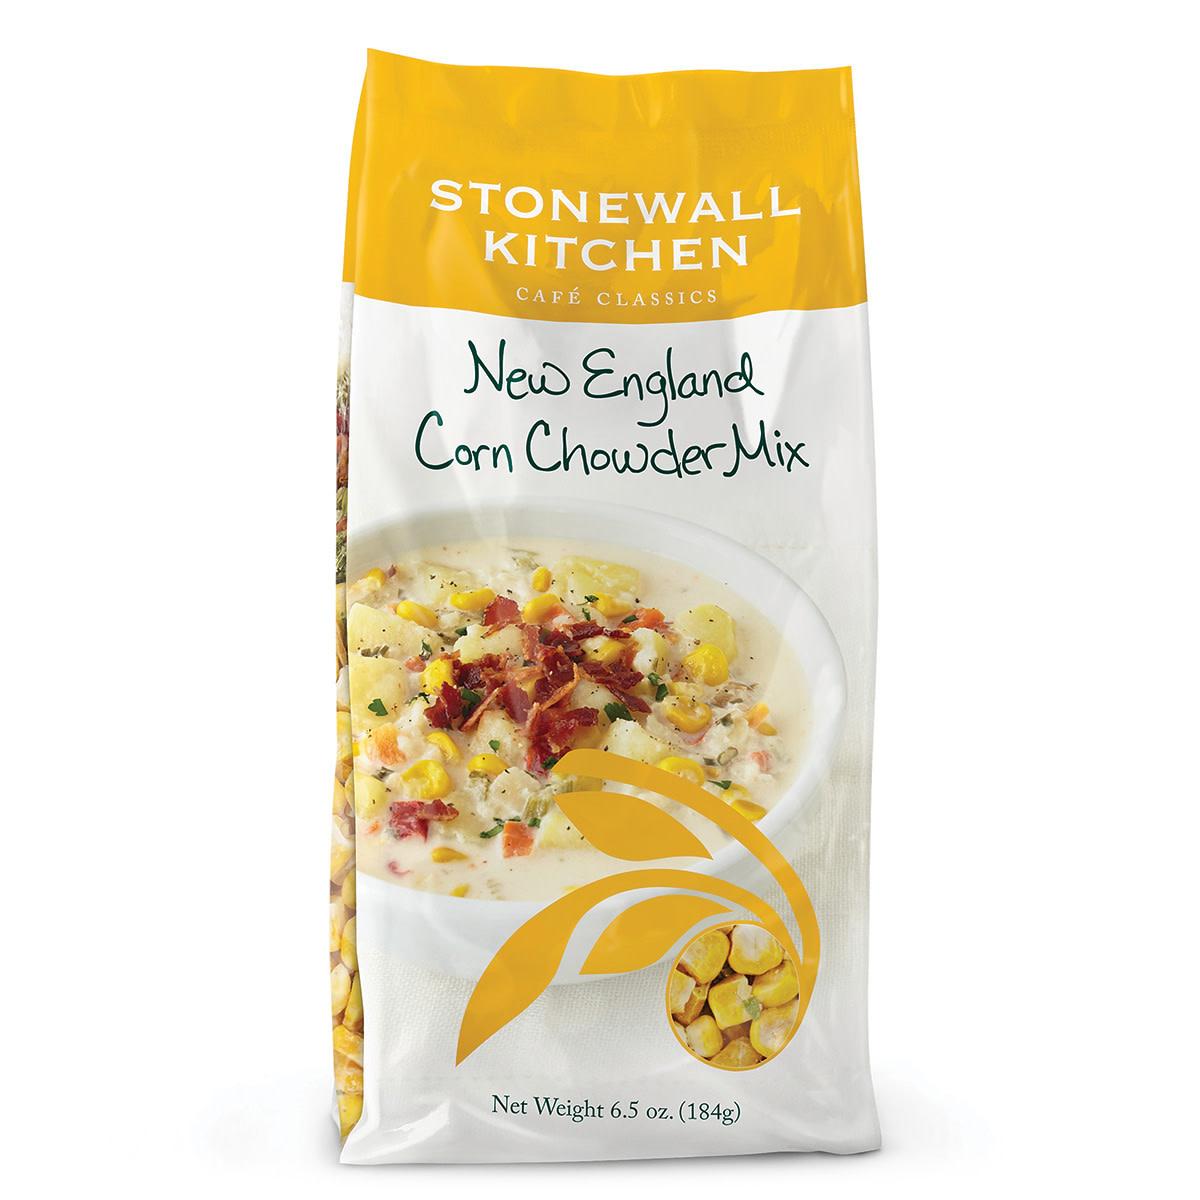 Stonewall Kitchen, New England Corn Chowder Mix, 6.5 oz